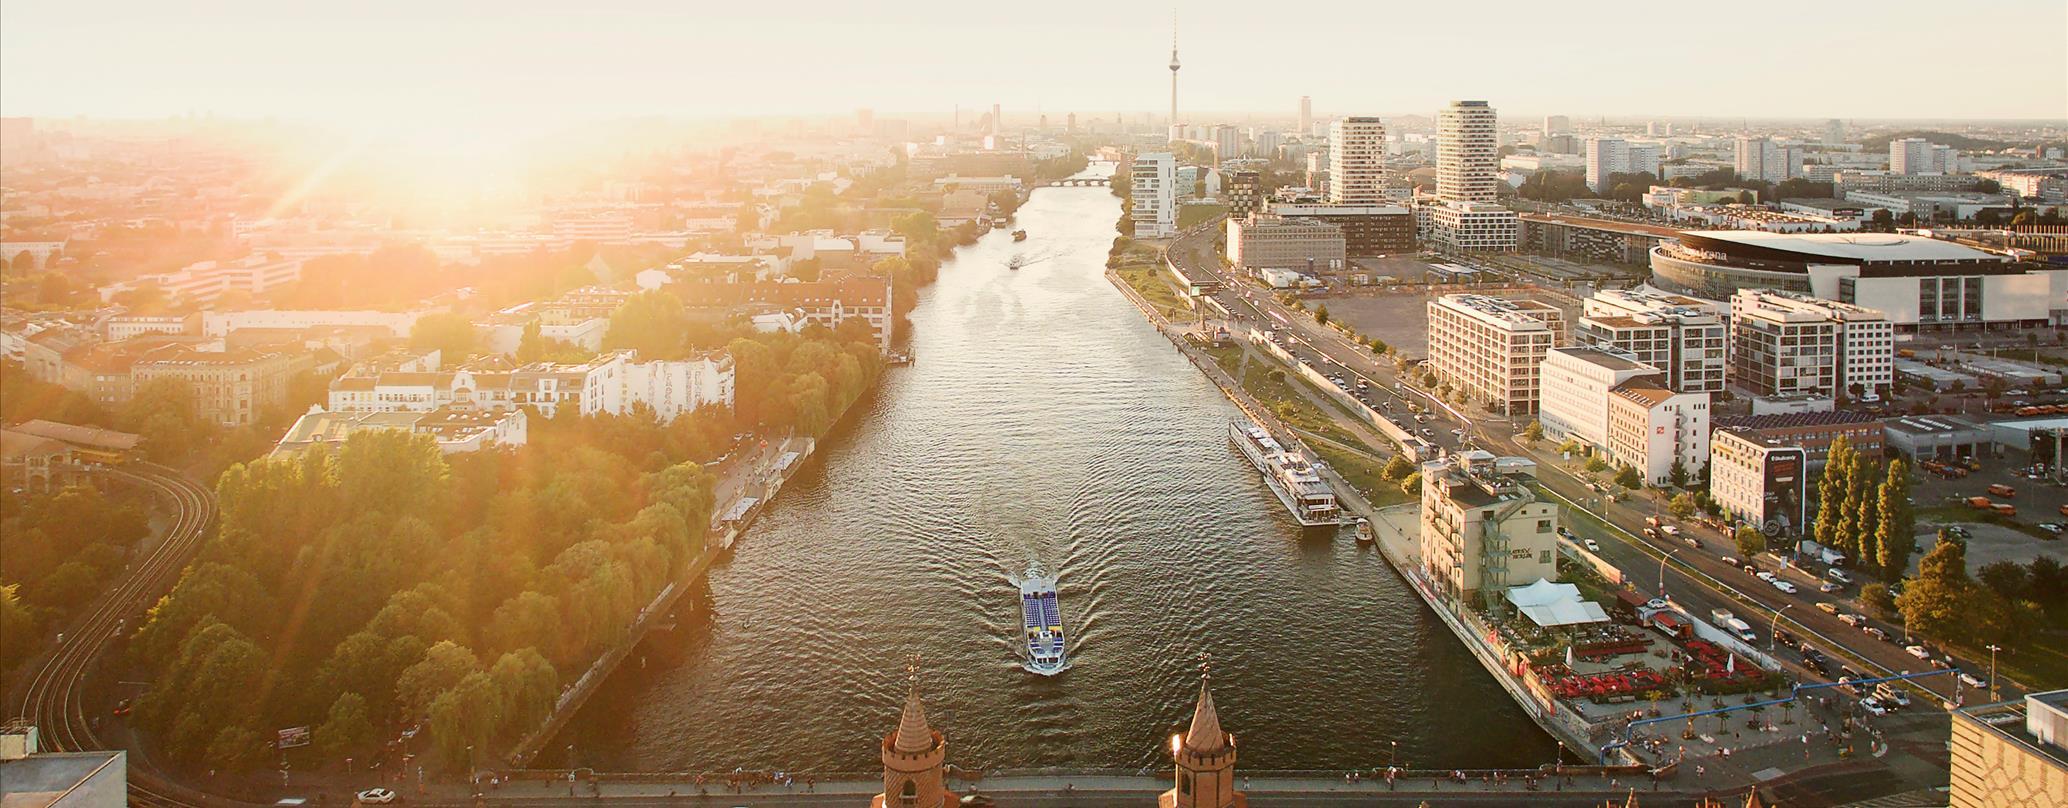 ezt-kapod-egy-londoni-lakasert_-lauren-blog-berlin-7.jpg